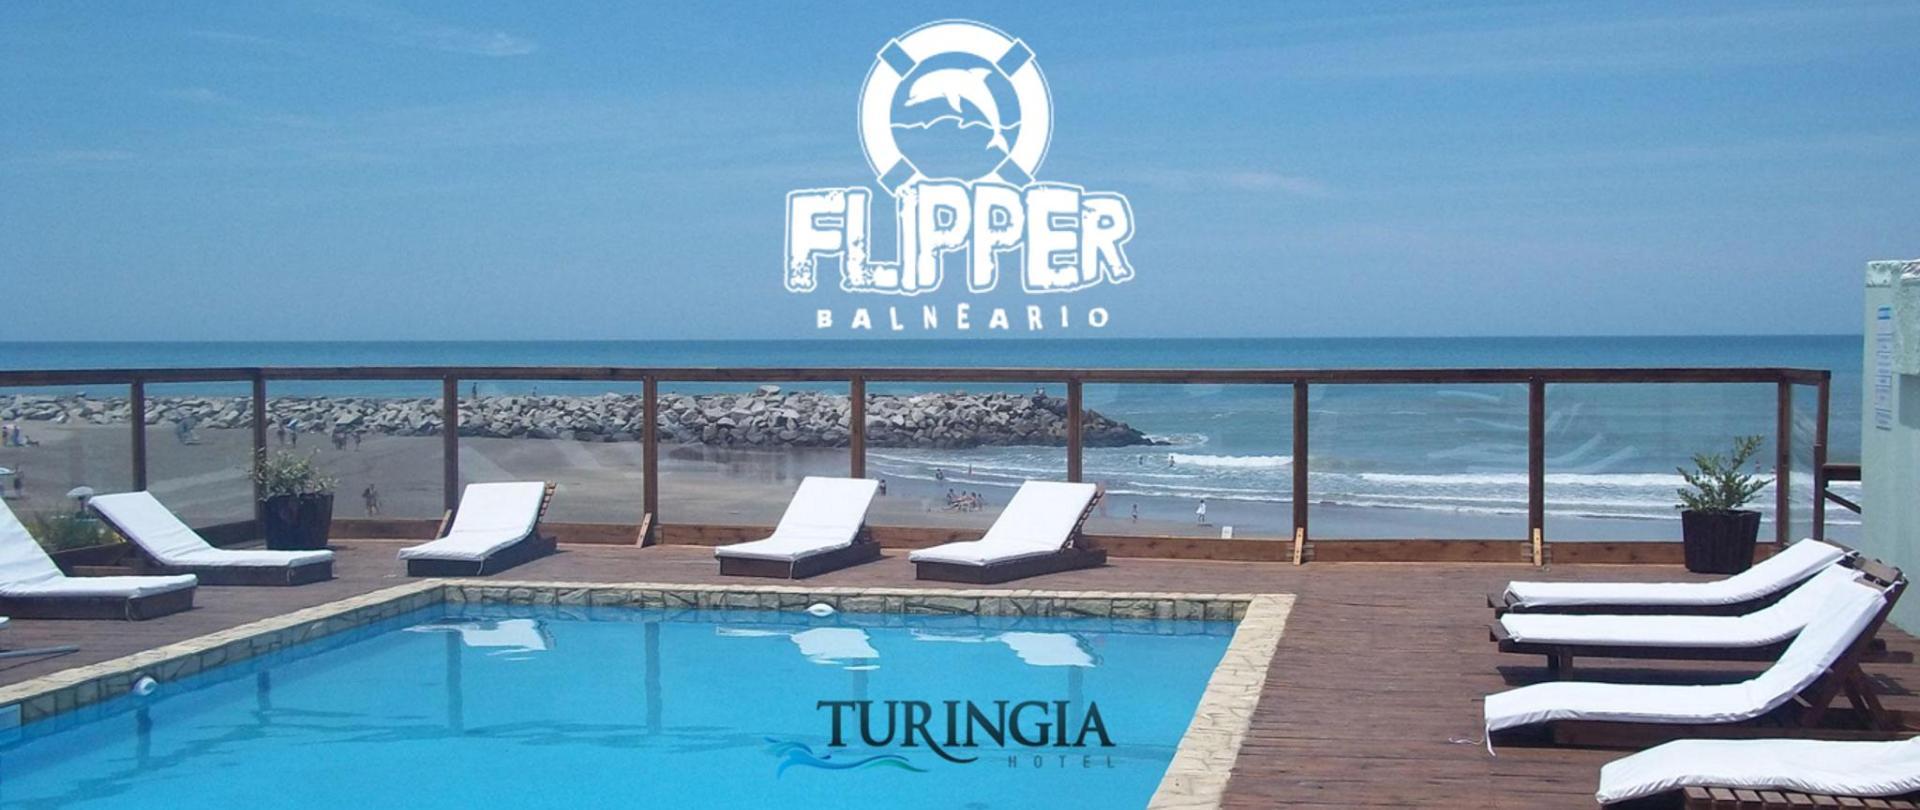 Hotel Turingia balneario gratis verano 2020 miramar.png